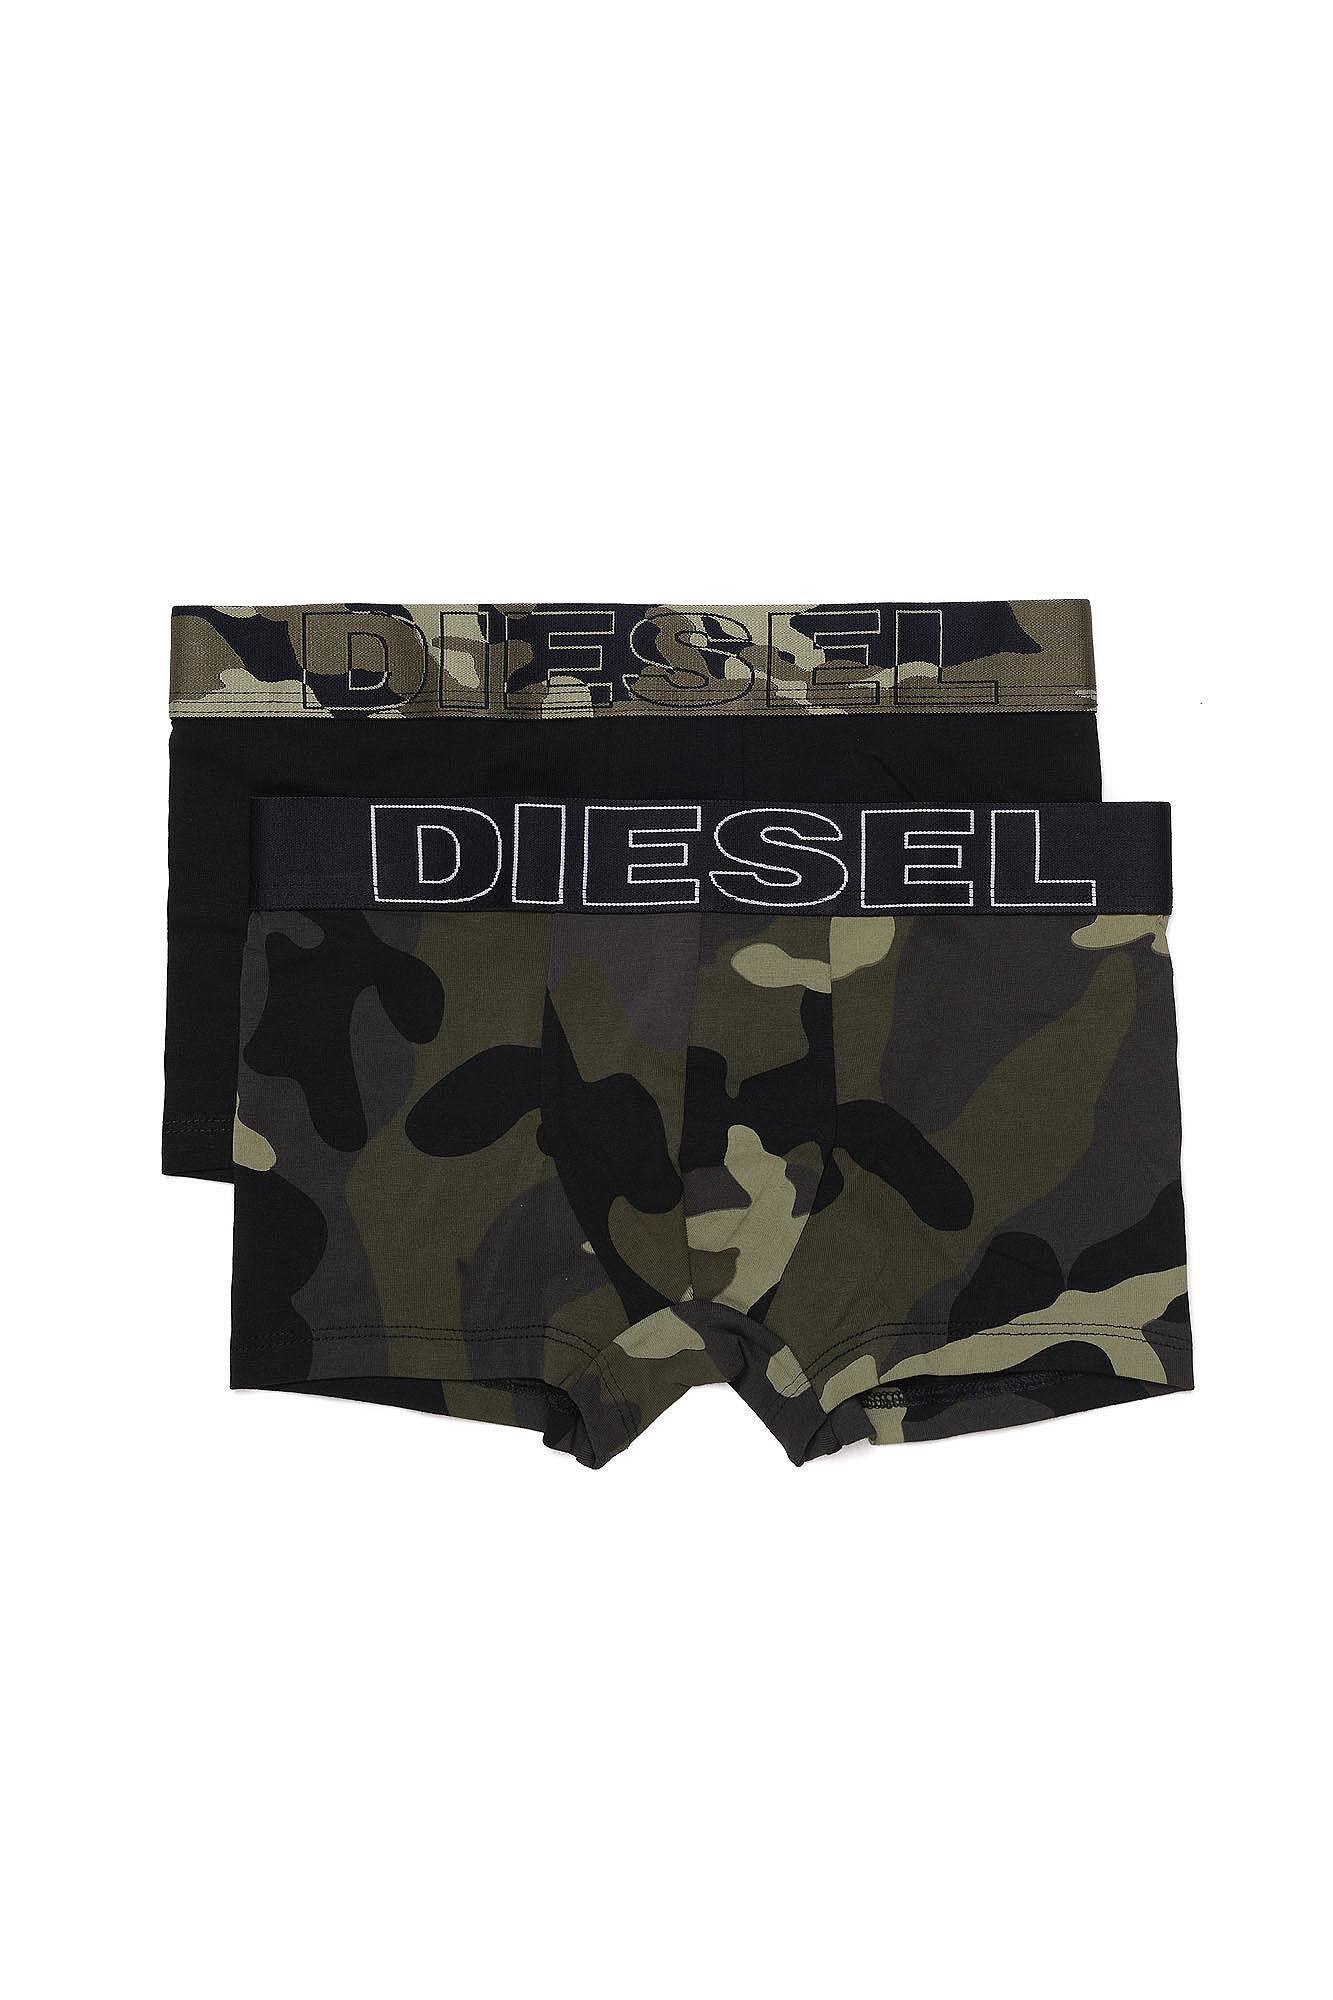 Boxer Umbx-Udamienbipack - Diesel Kid